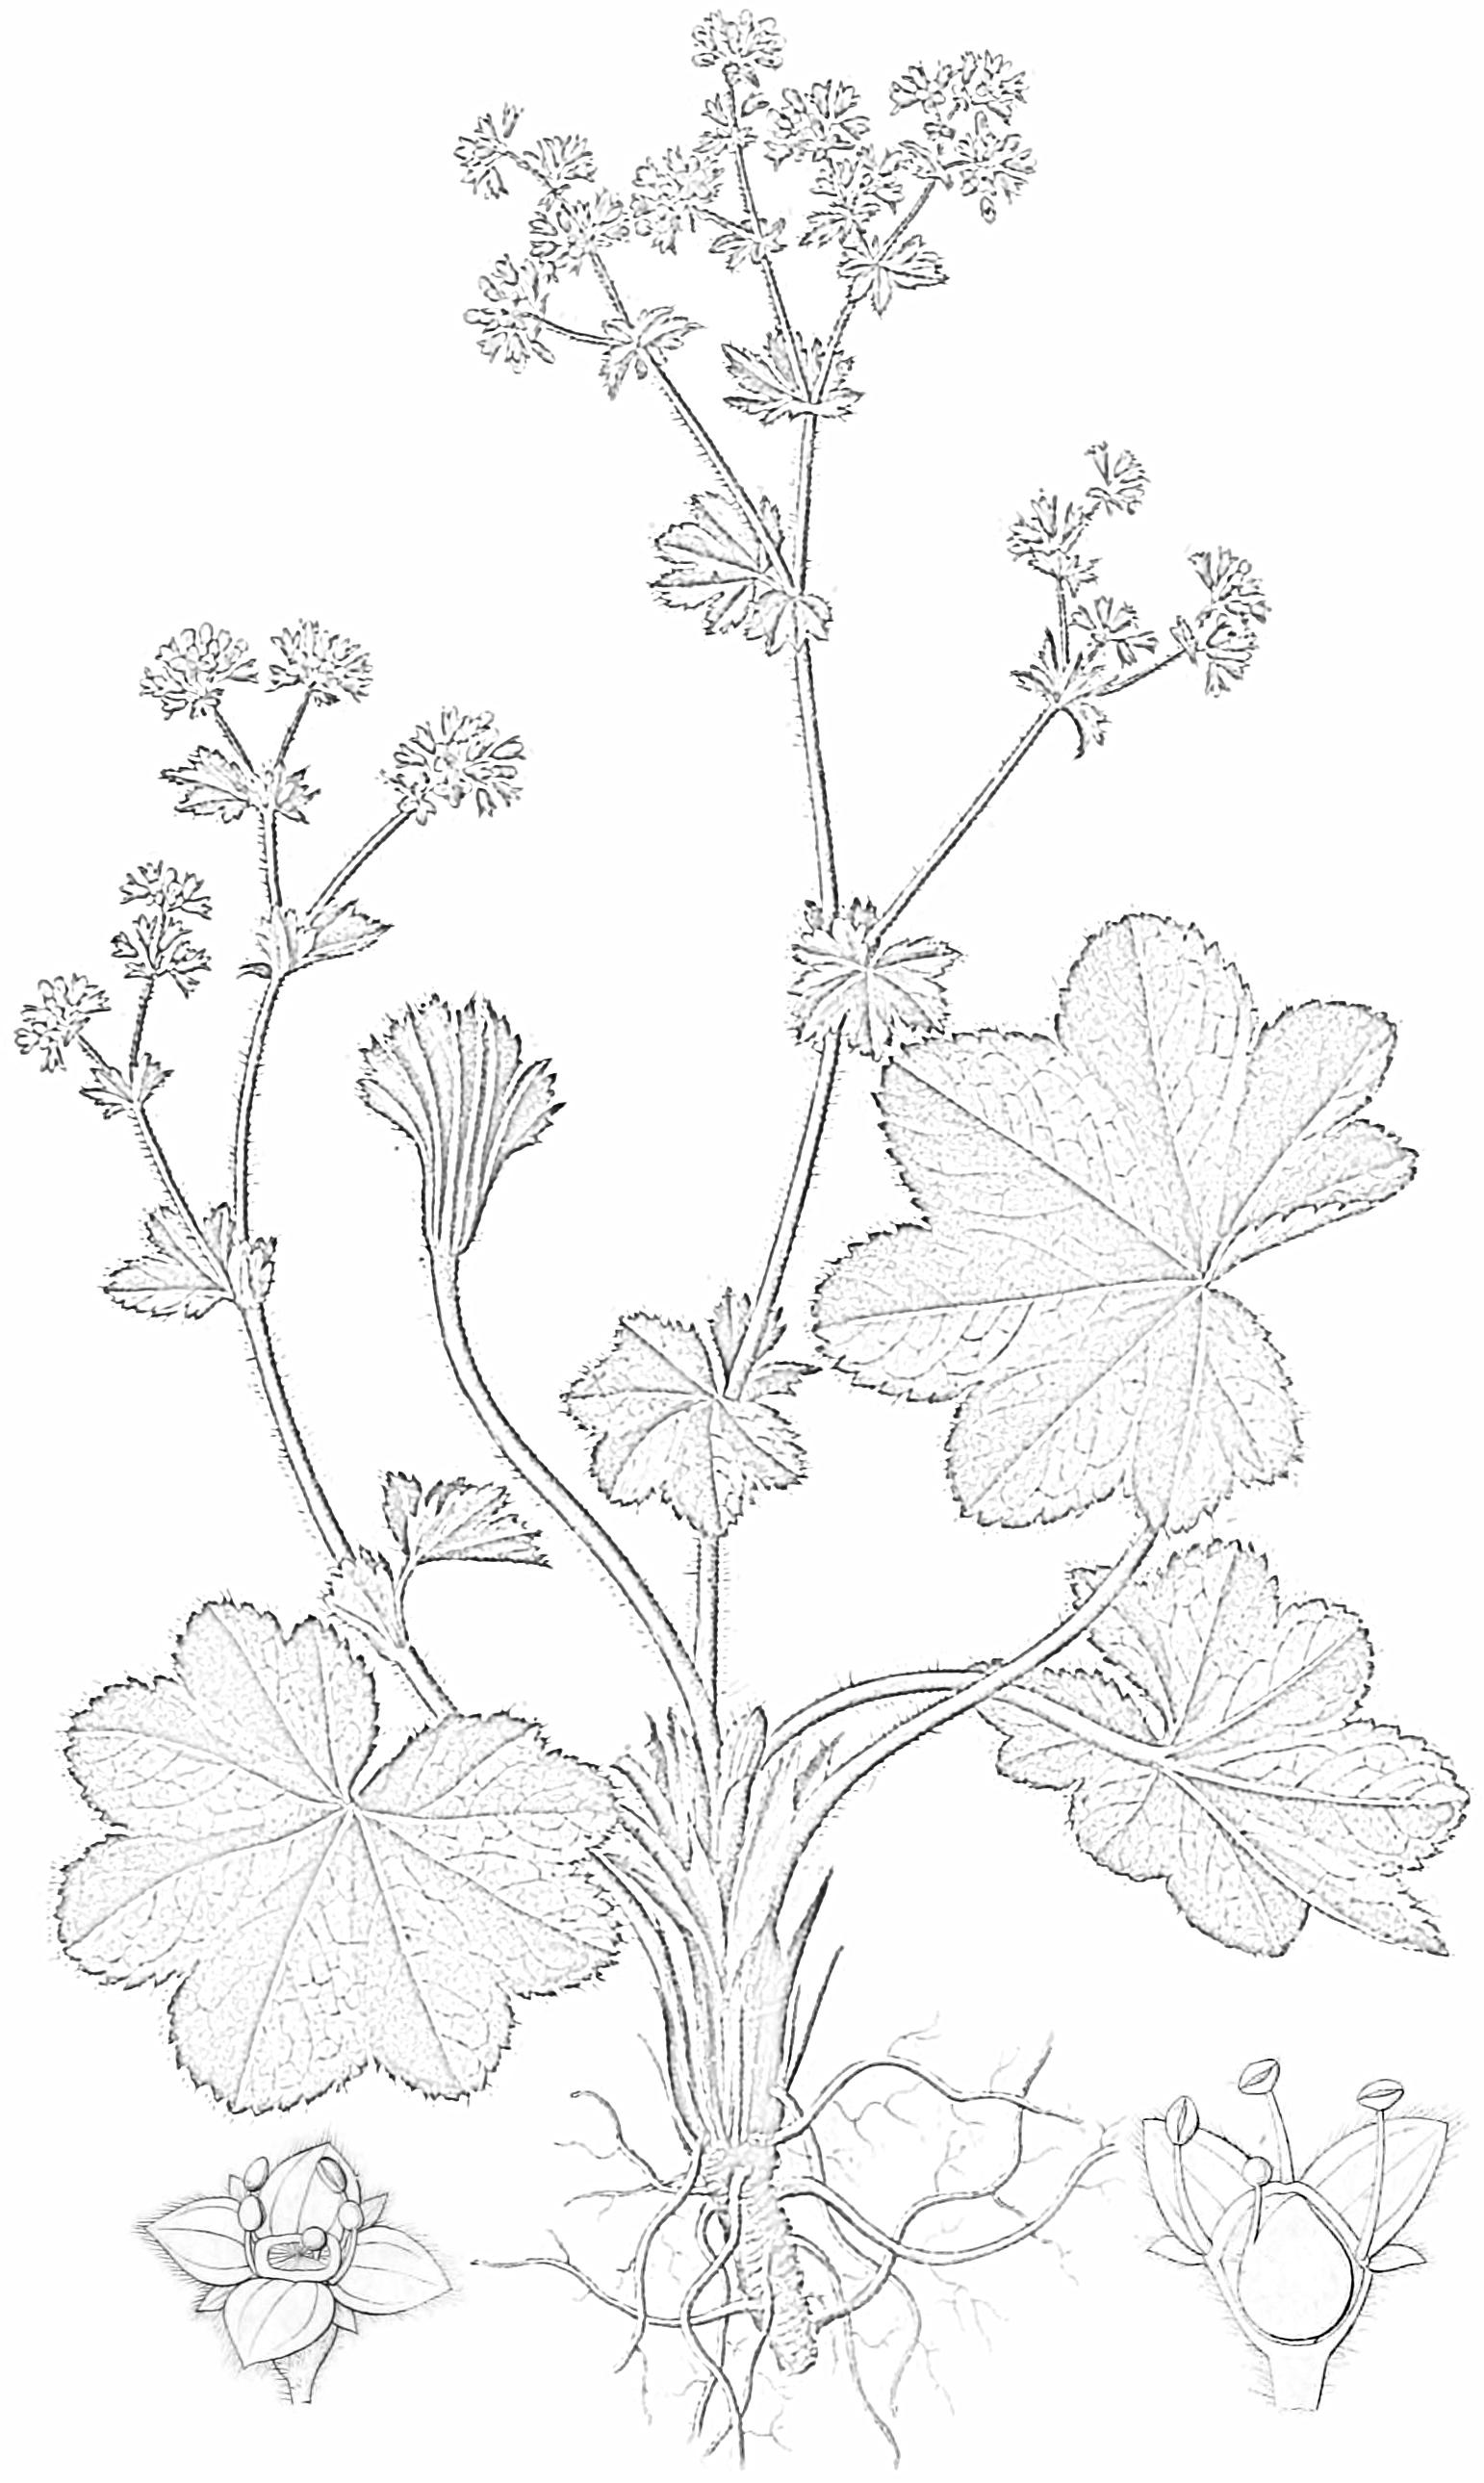 Abbildung aus Dietrich (Flora Regni Borussici Bd.7,  1839, Tafel 489); Frauenmantel, Gemeiner Frauenmantel, Echter Sinau, Taubecher and Löwenfuß